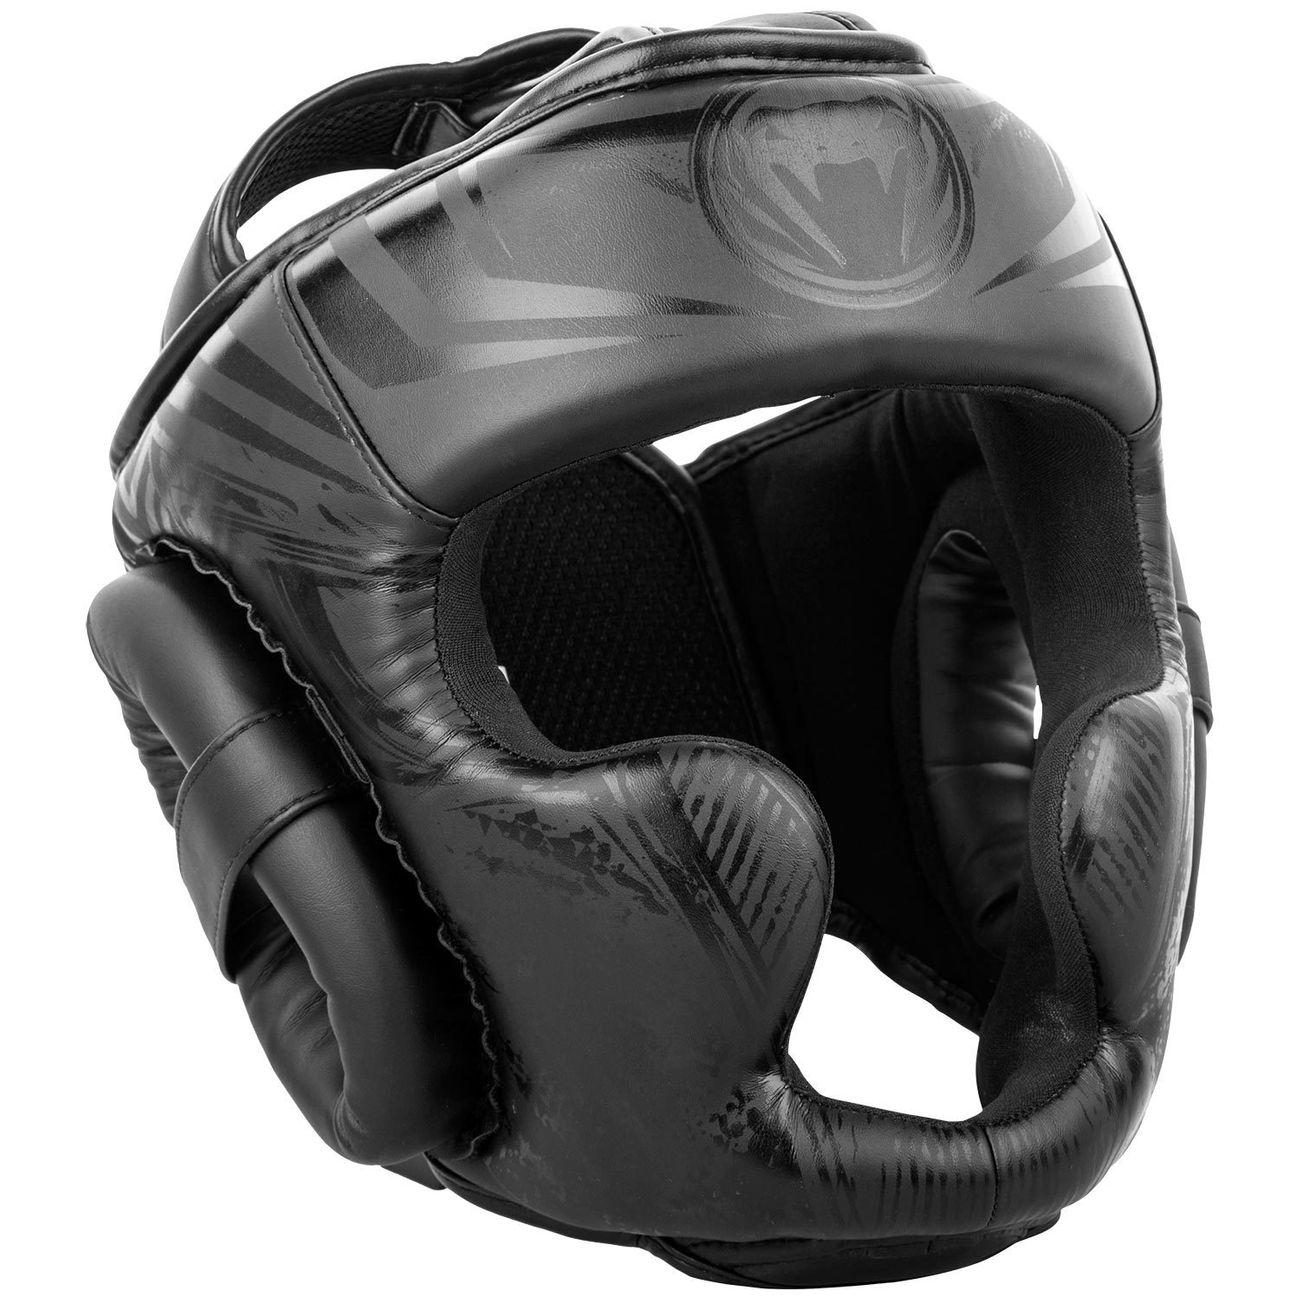 Boxe anglaise  VENUM Casque Venum Gladiator 3.0